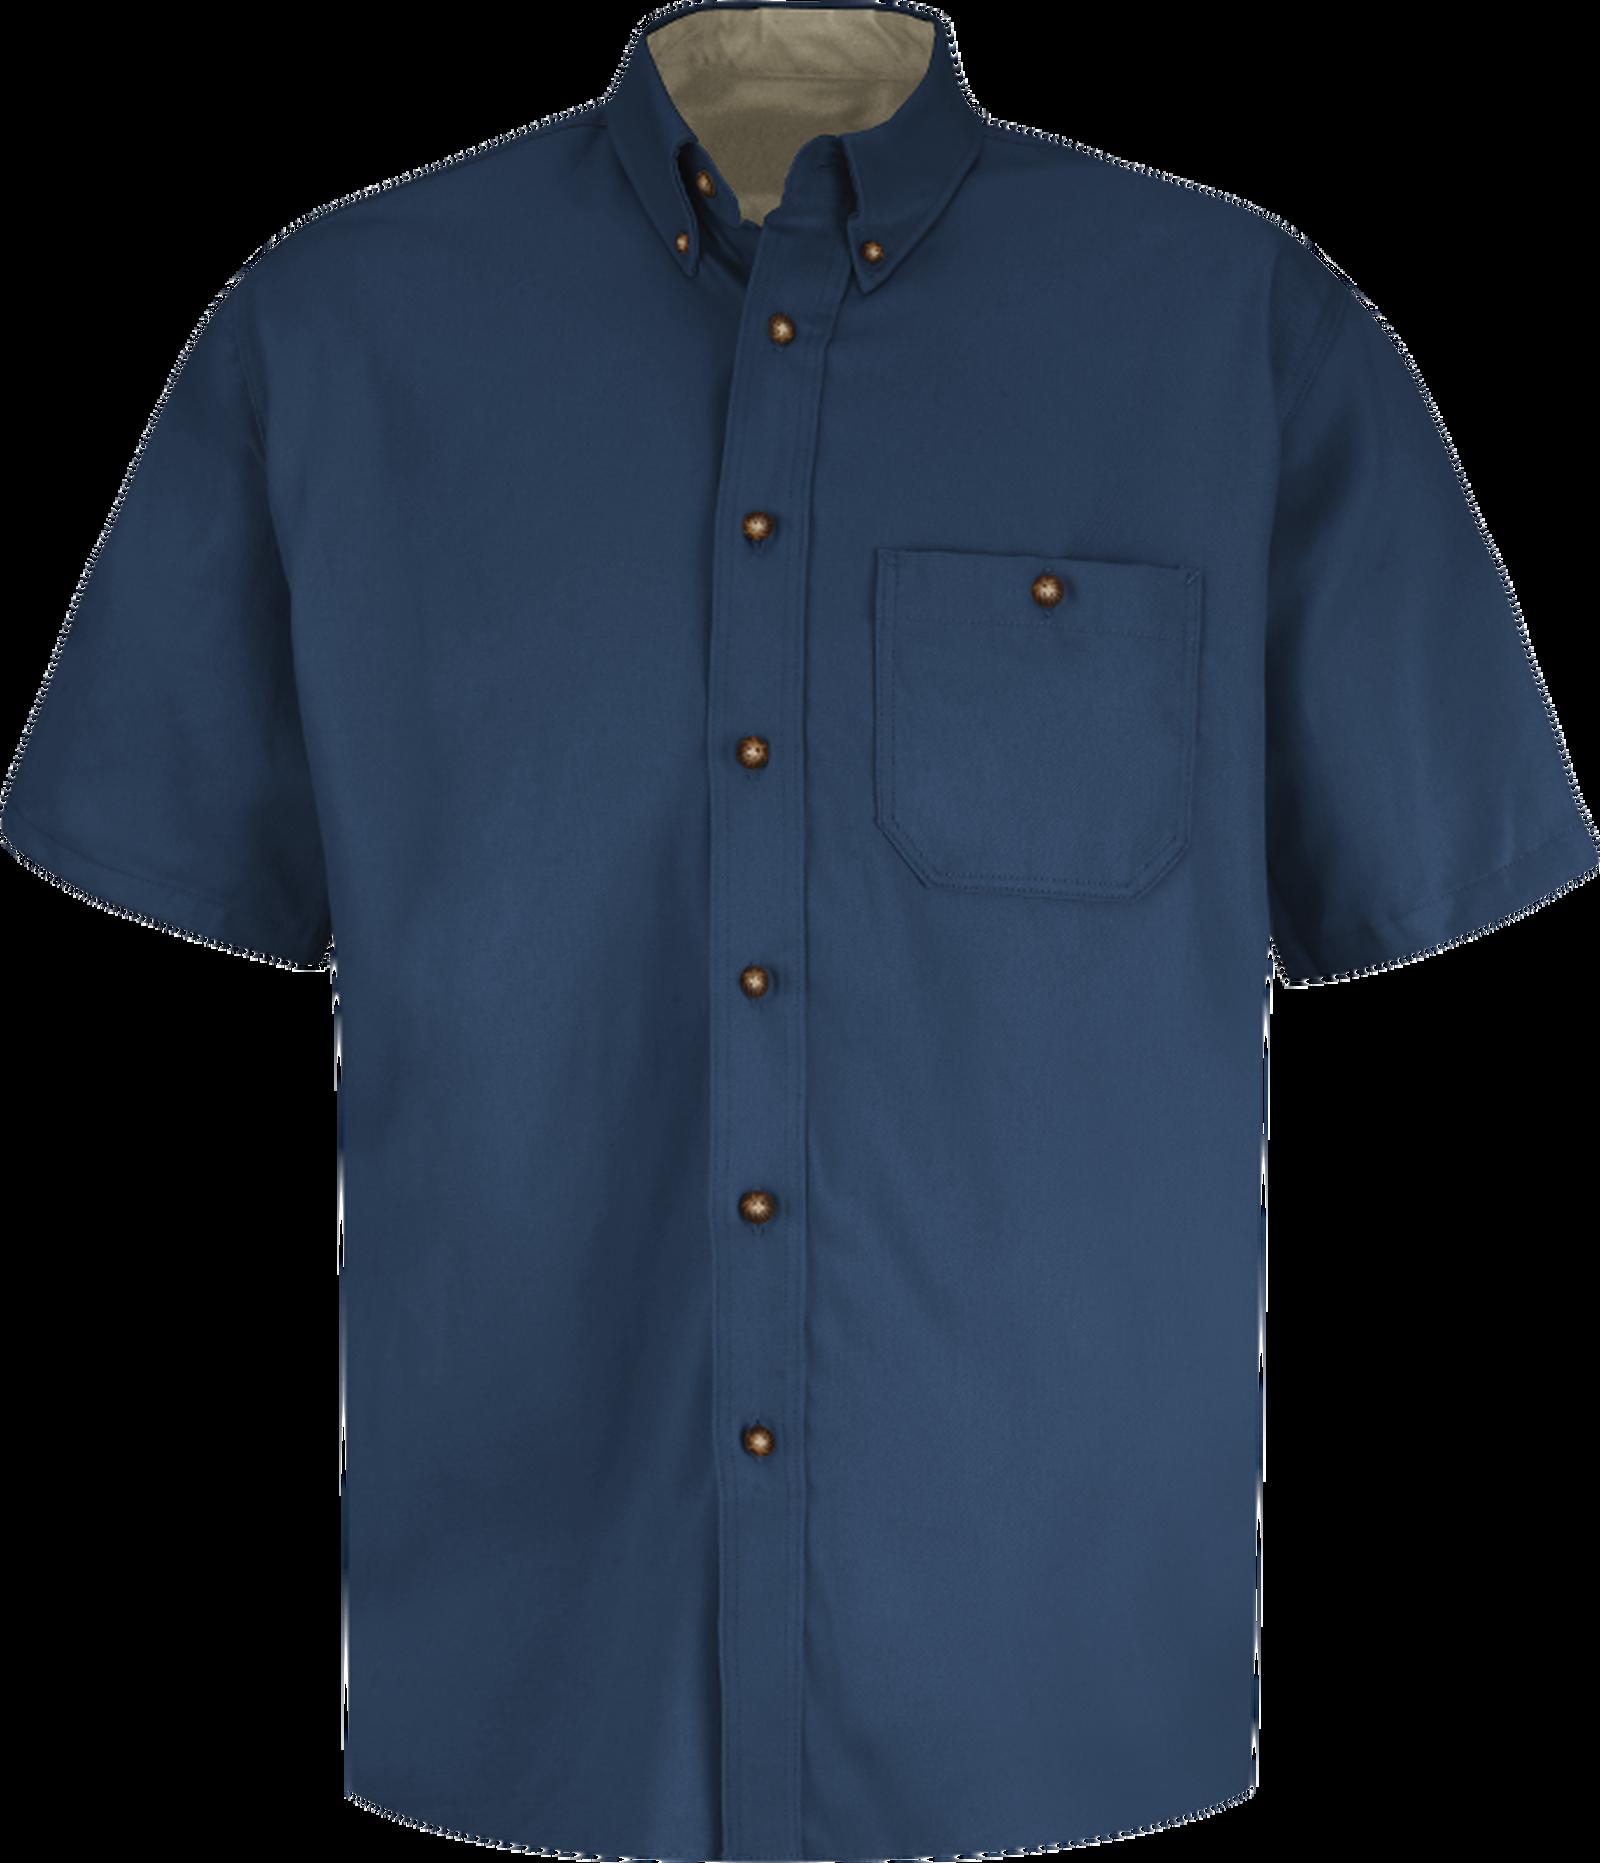 Men's Short Sleeve Cotton Contrast Dress Shirt